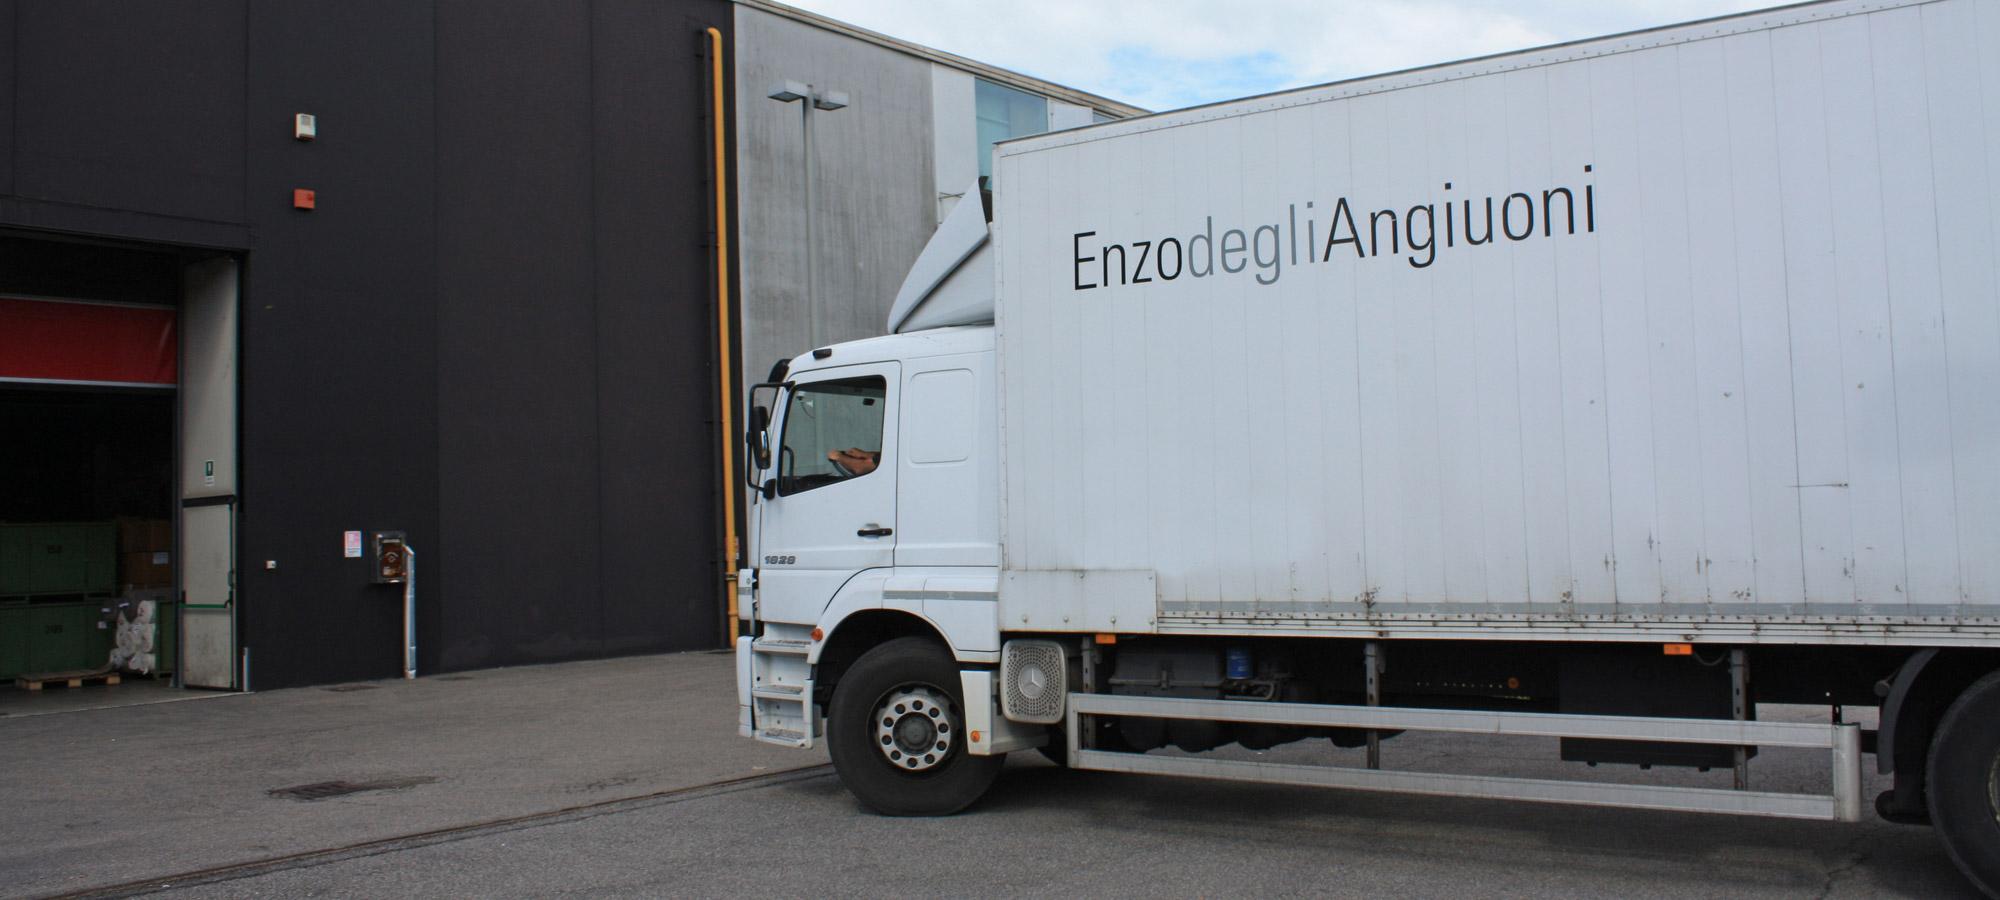 enzo-degli-angiuoni-made-in-italy-spedizione-px2000x900-04